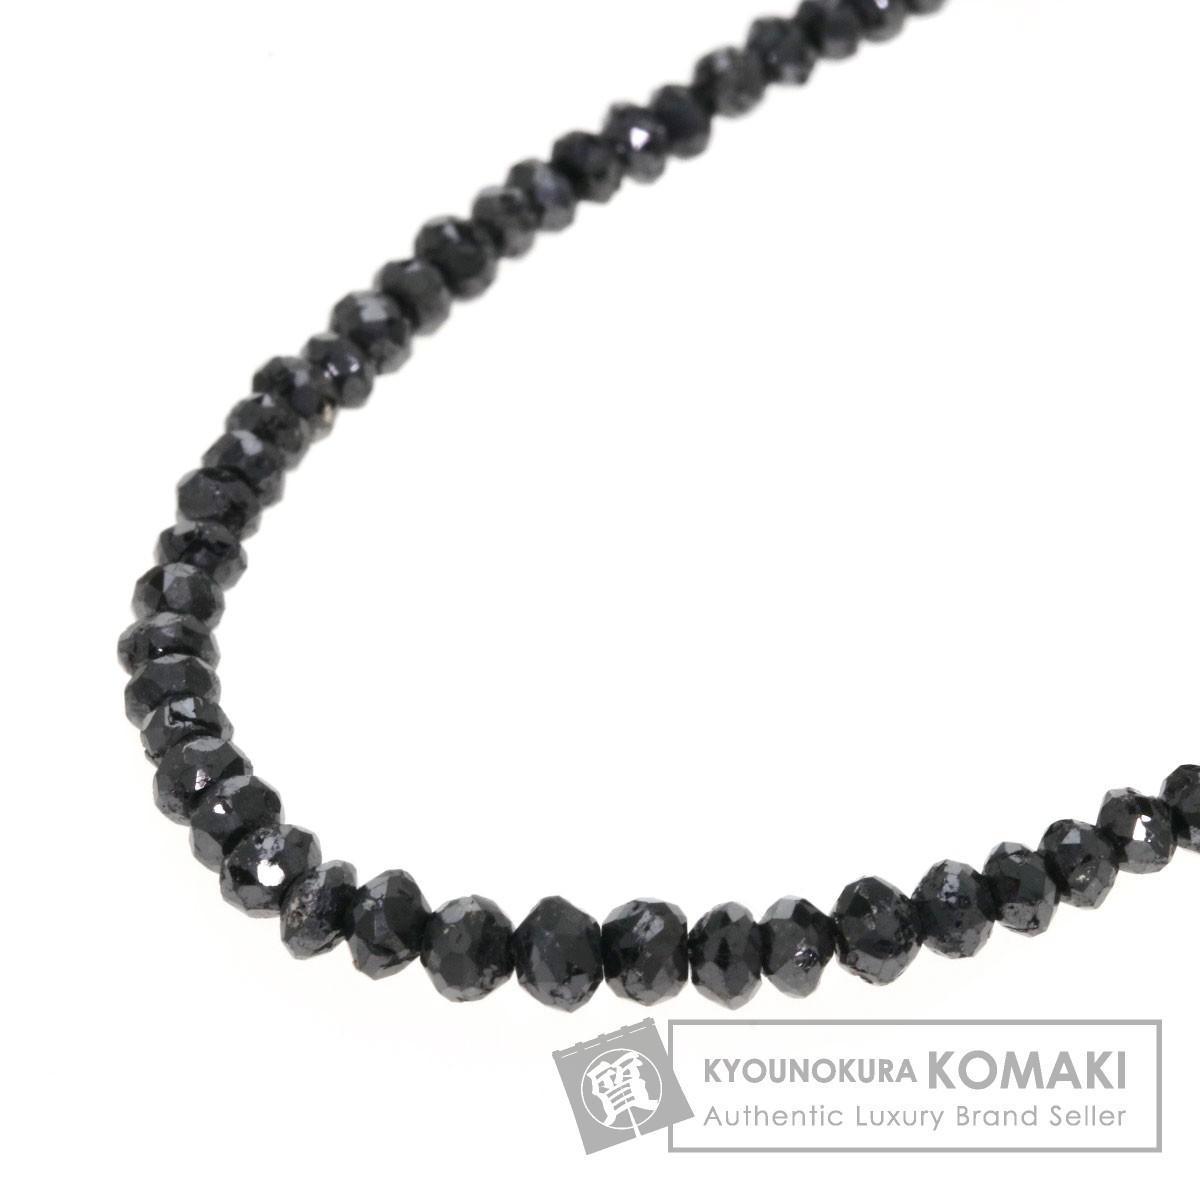 ブラックダイヤモンド ネックレス K18ホワイトゴールド 5g レディース 【中古】